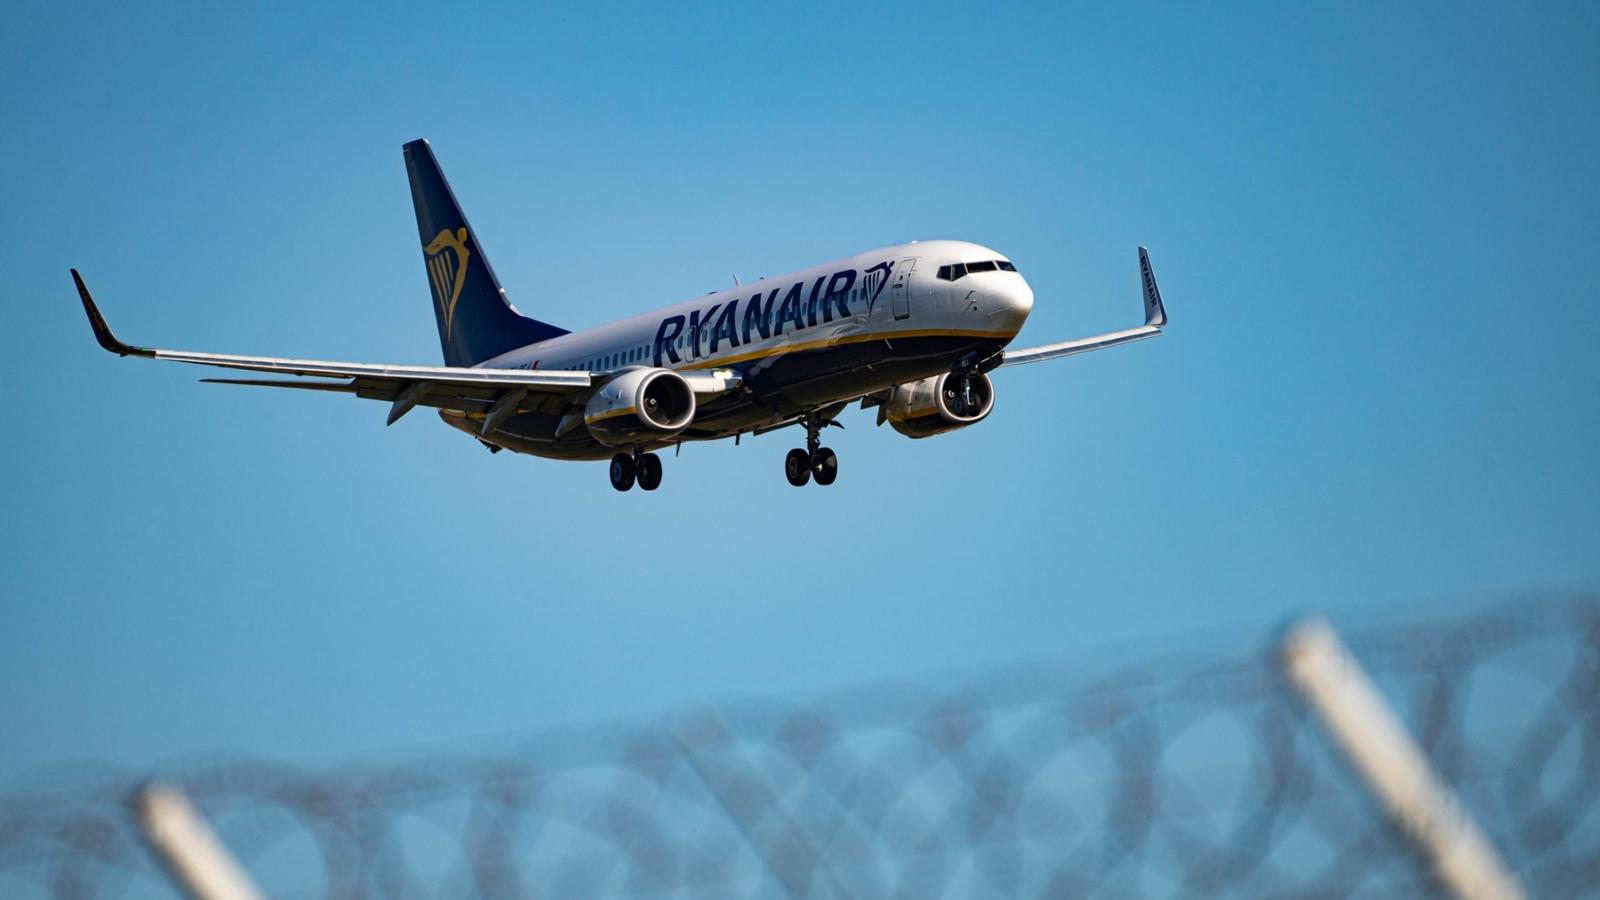 Λευκορωσία: Αυτός είναι ο Έλληνας που κατέβηκε από την πτήση της Ryanair στο Μινσκ της Λευκορωσίας